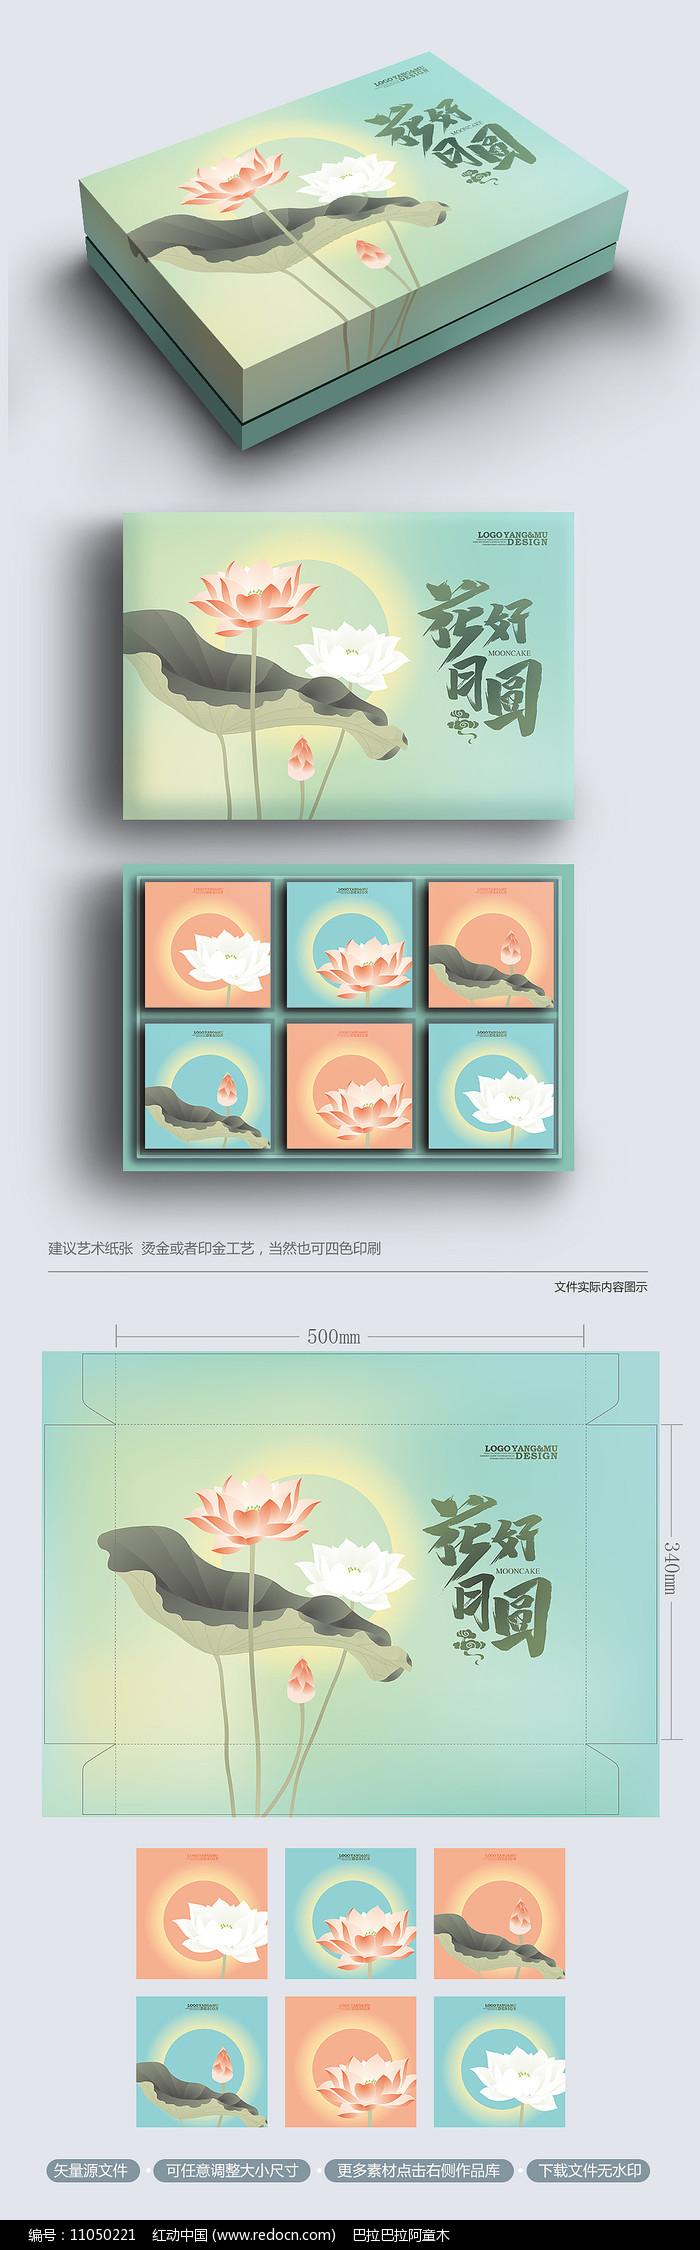 原创中国风工笔荷花中秋月饼包装礼盒图片